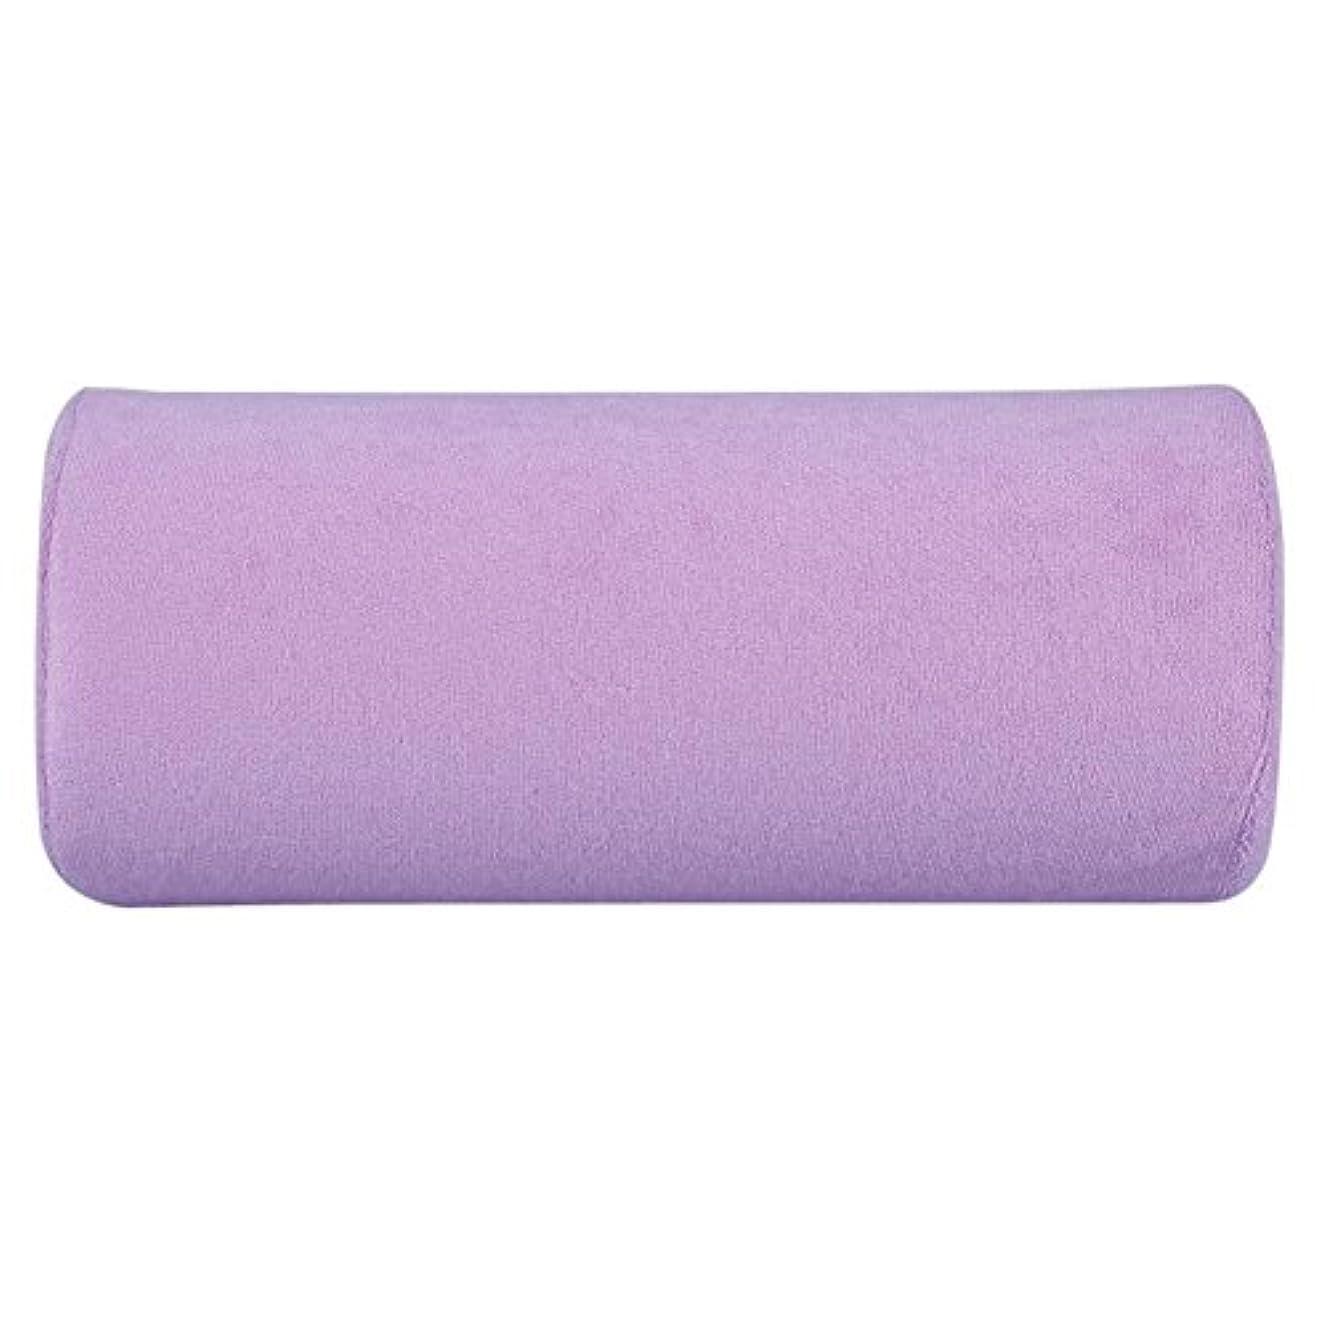 うねる単調な受けるアートソフトスポンジピローハンドレストクッション(紫の)